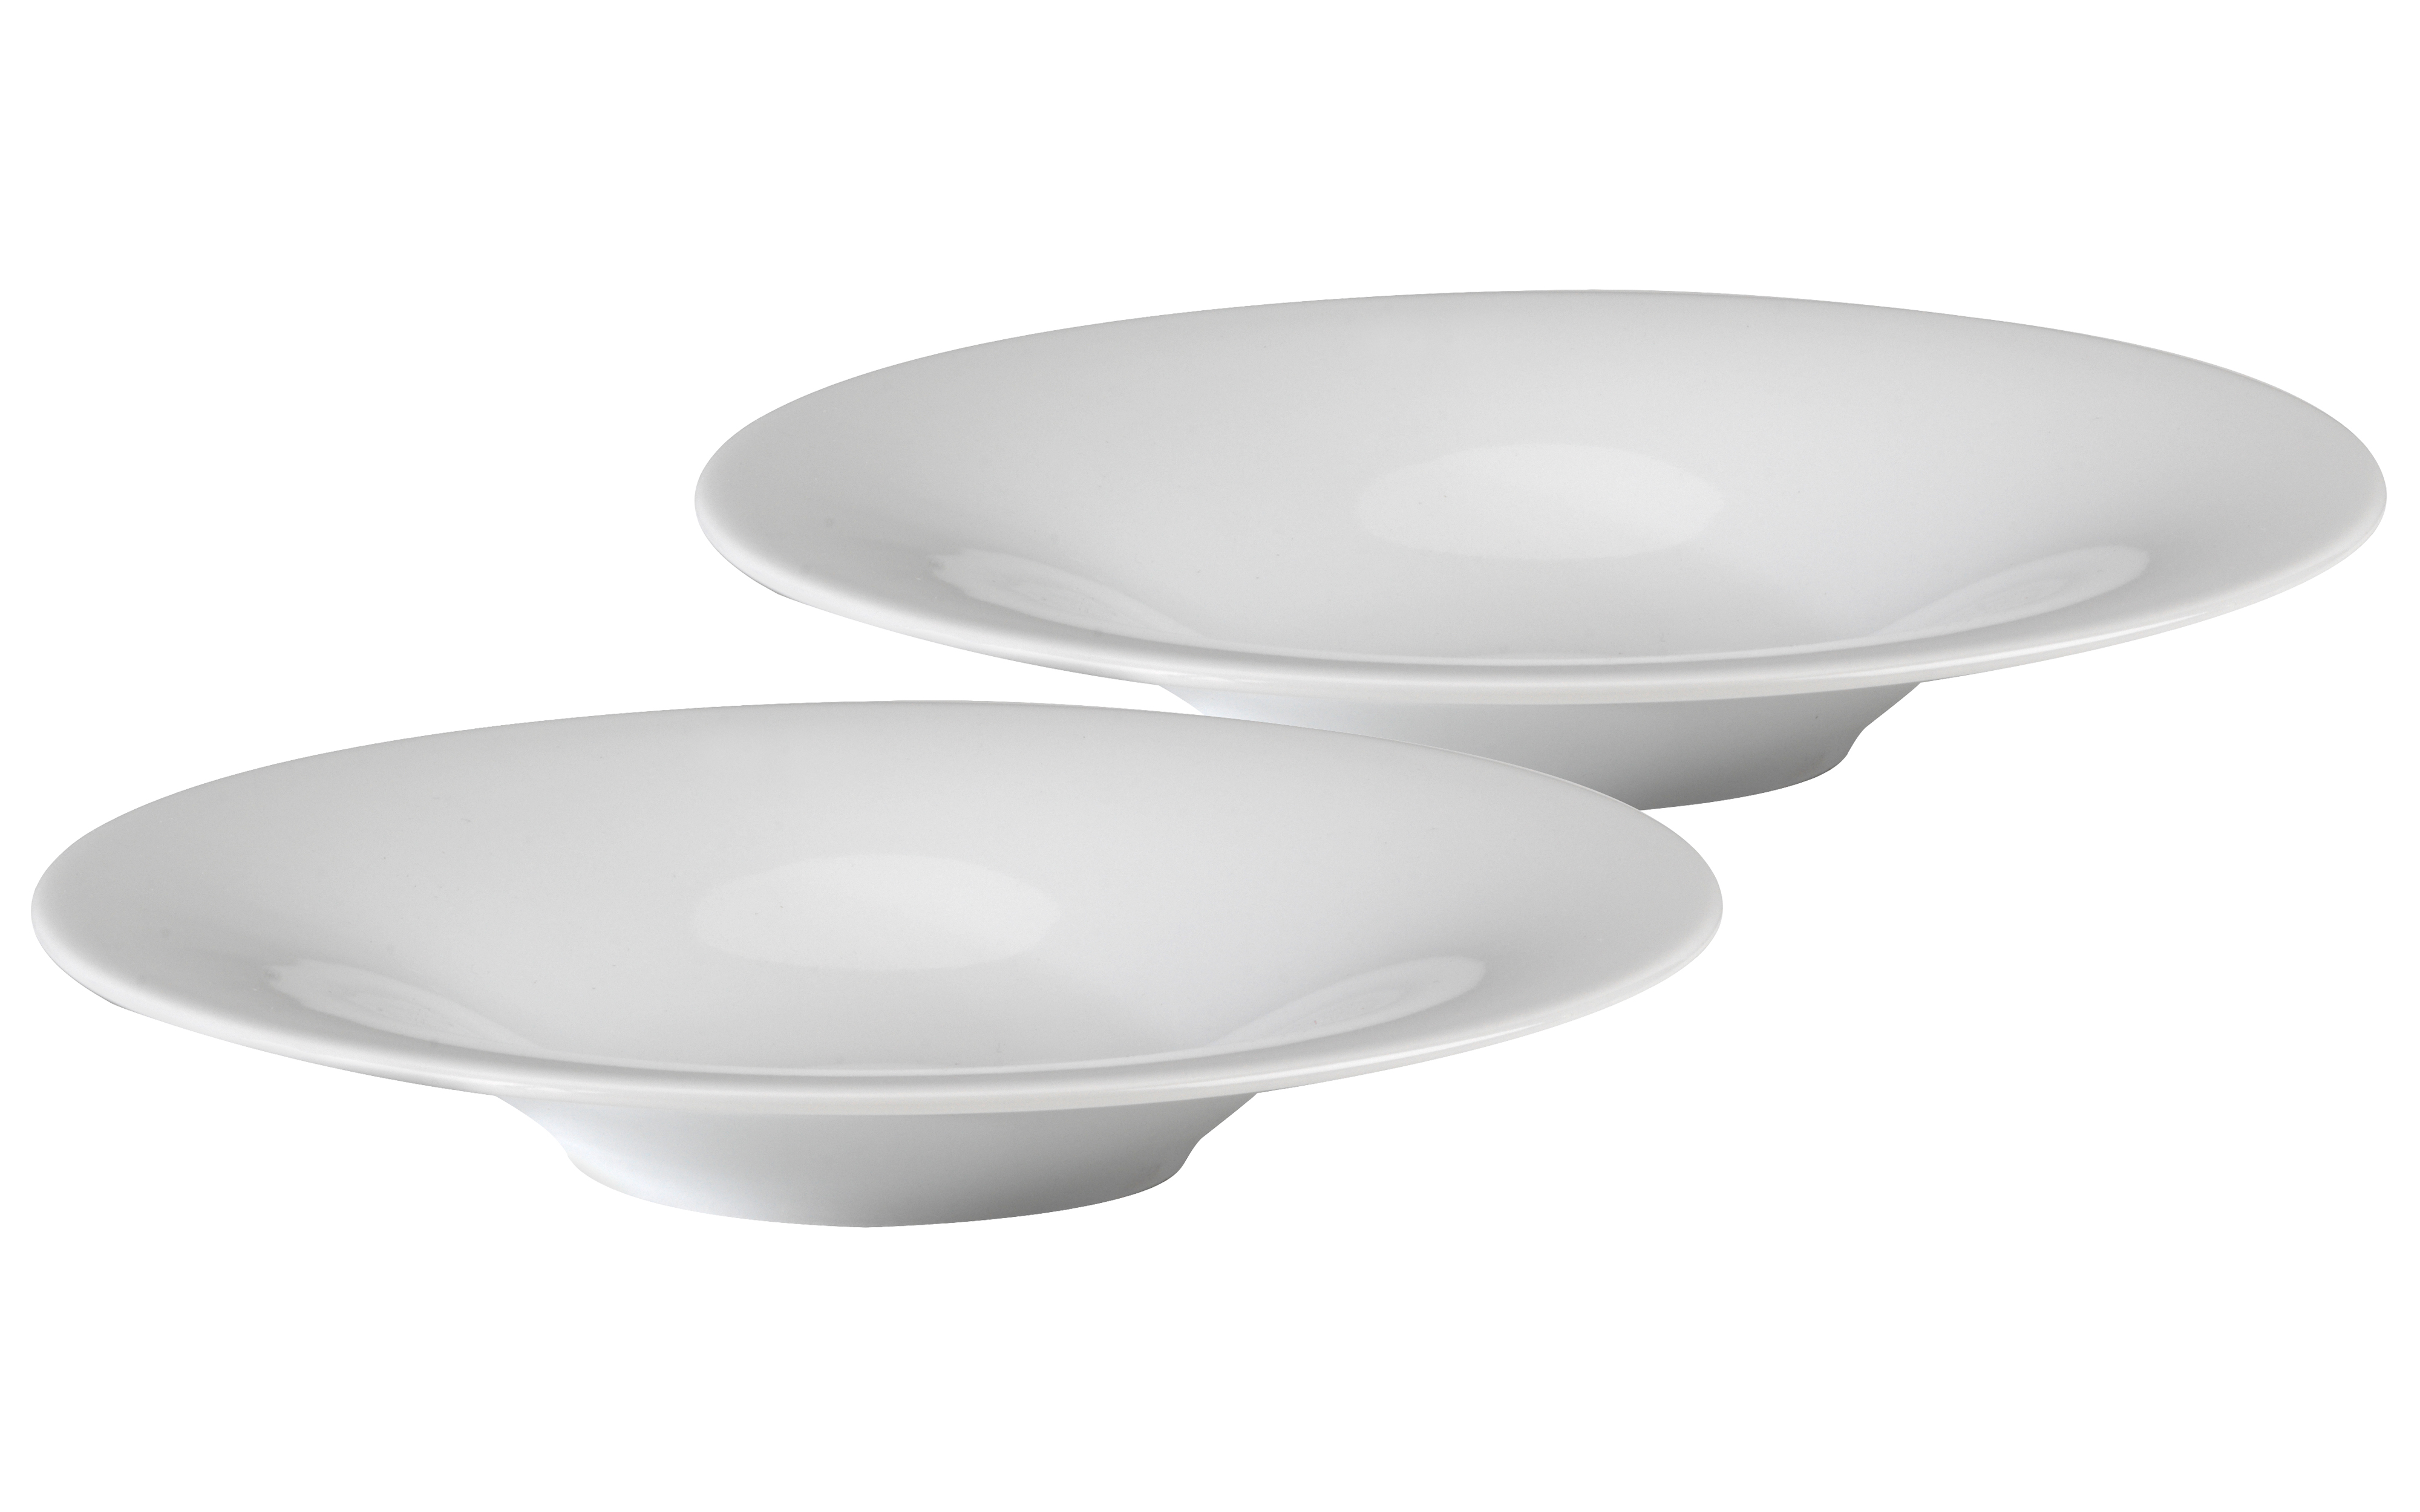 Alessi 1109402 starter soup salad dessert bowl 22 5 cm - Alessi dinnerware sets ...